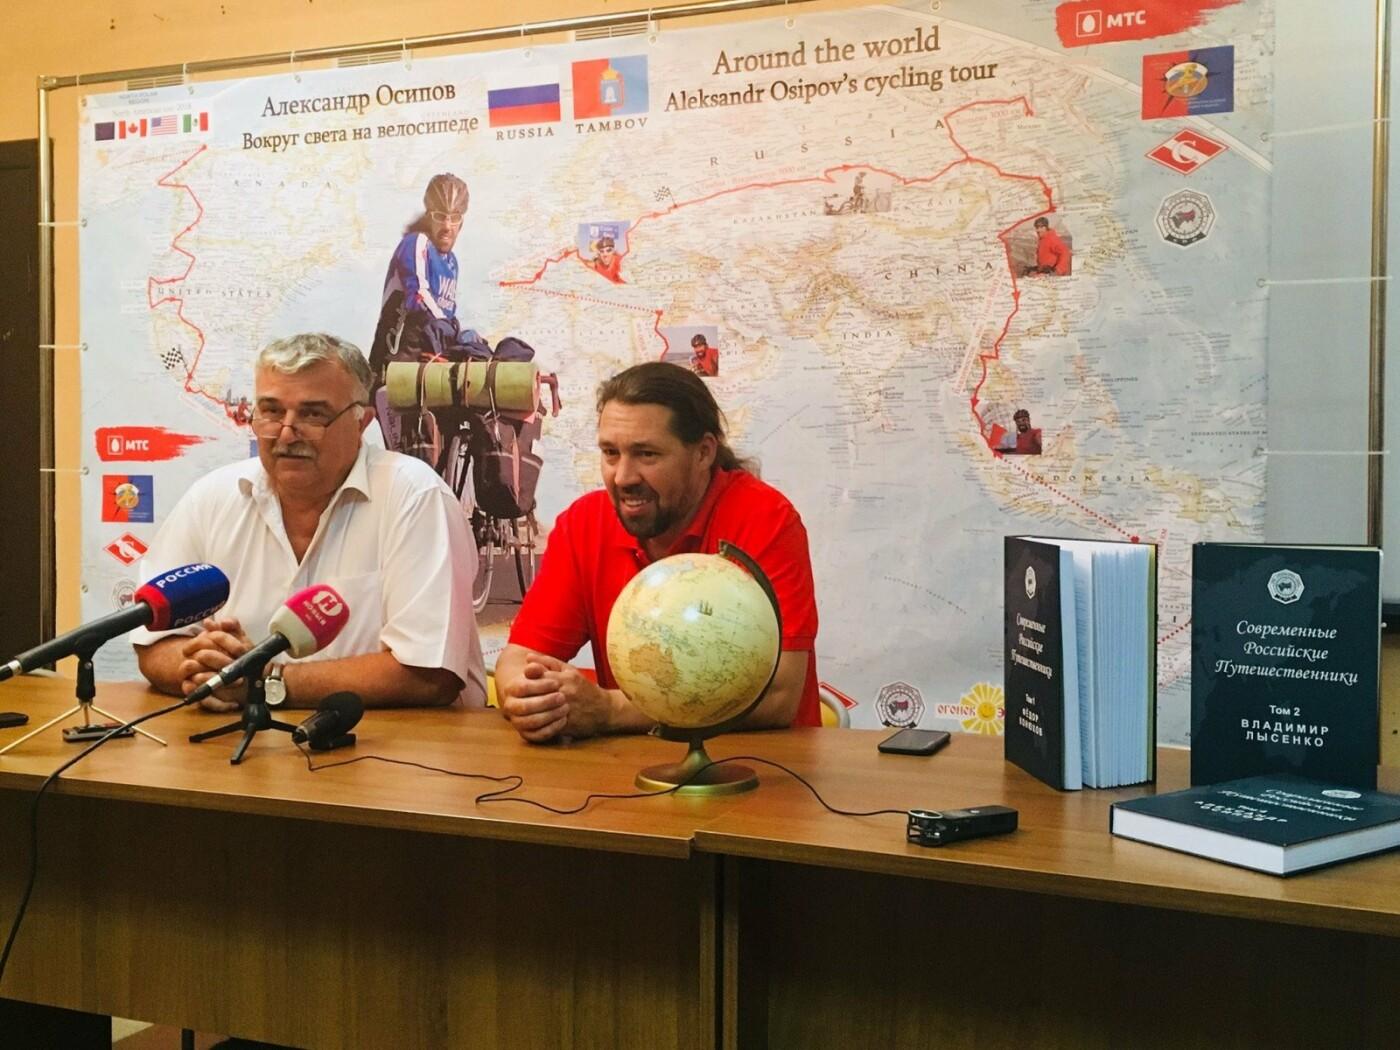 Тамбовчанин Александр Осипов снова отправляется вокруг света, фото-1